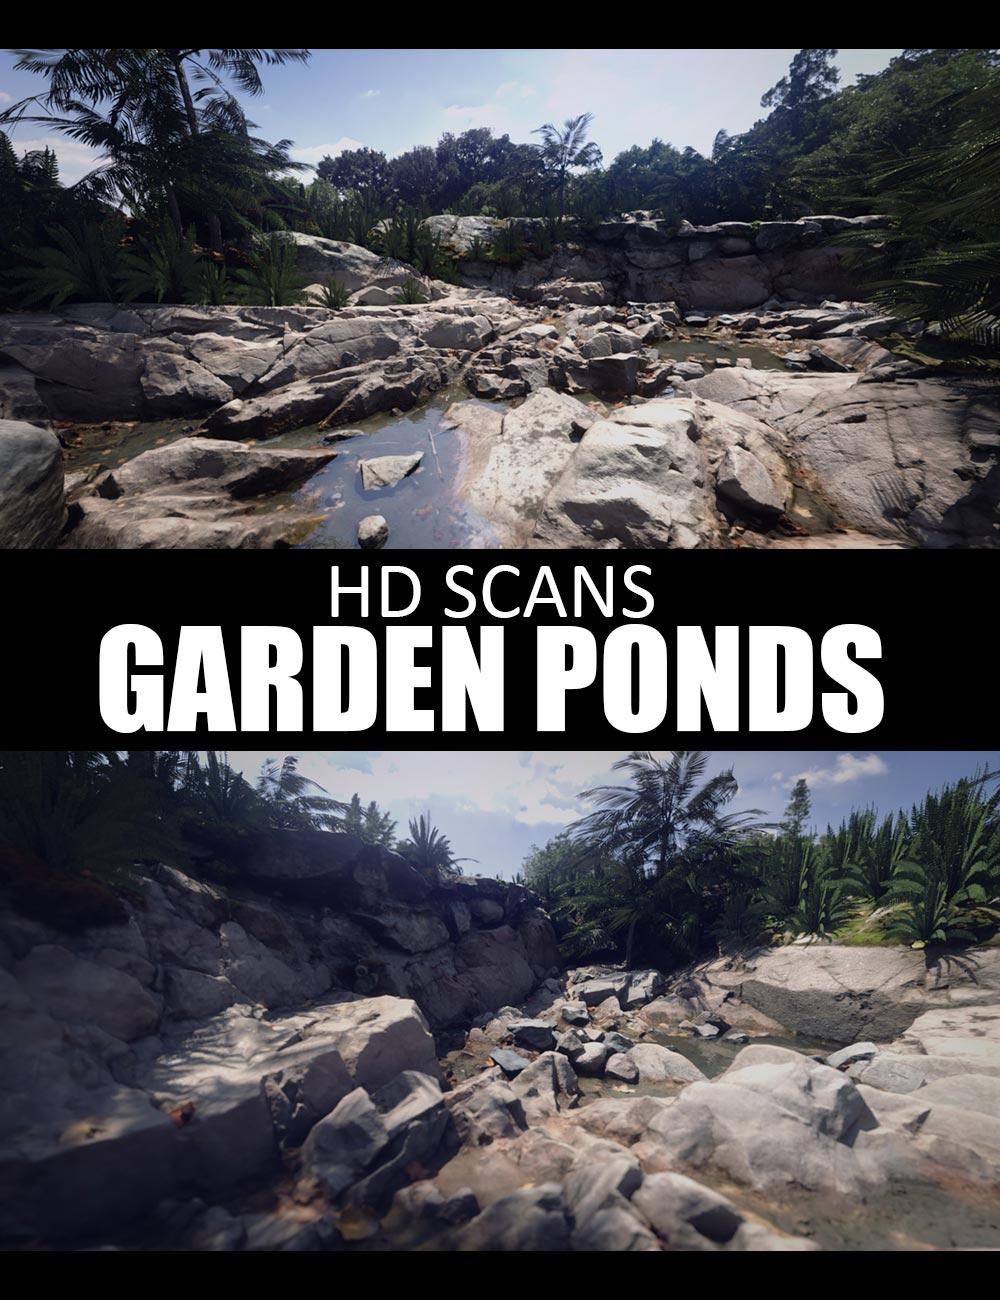 HD Scans Garden Ponds by: Dreamlight, 3D Models by Daz 3D